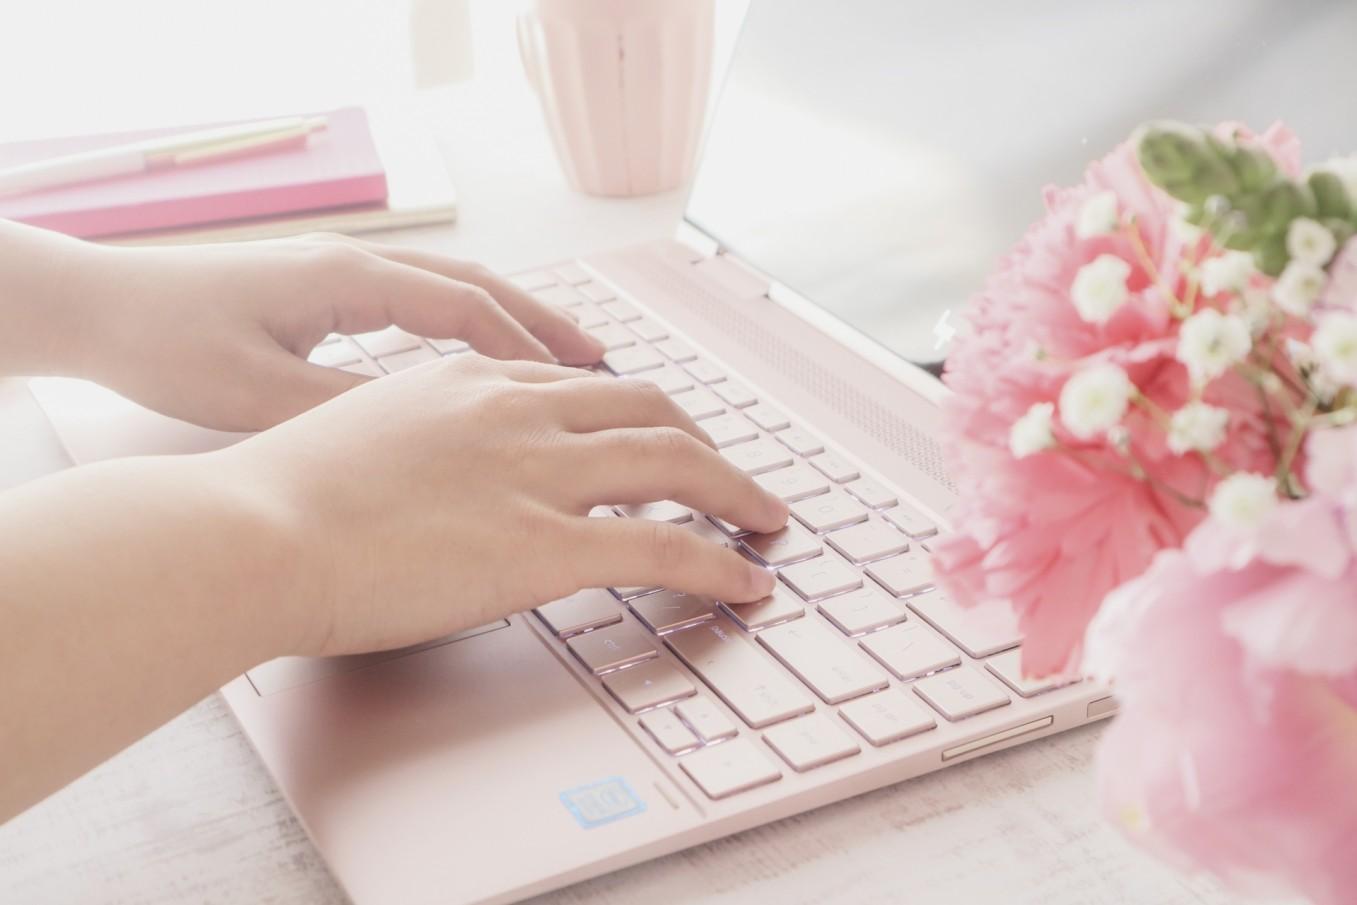 ワーク 秋田 在宅 秋田市の在宅ワークには高いパソコンが必要? 携帯ホームページ